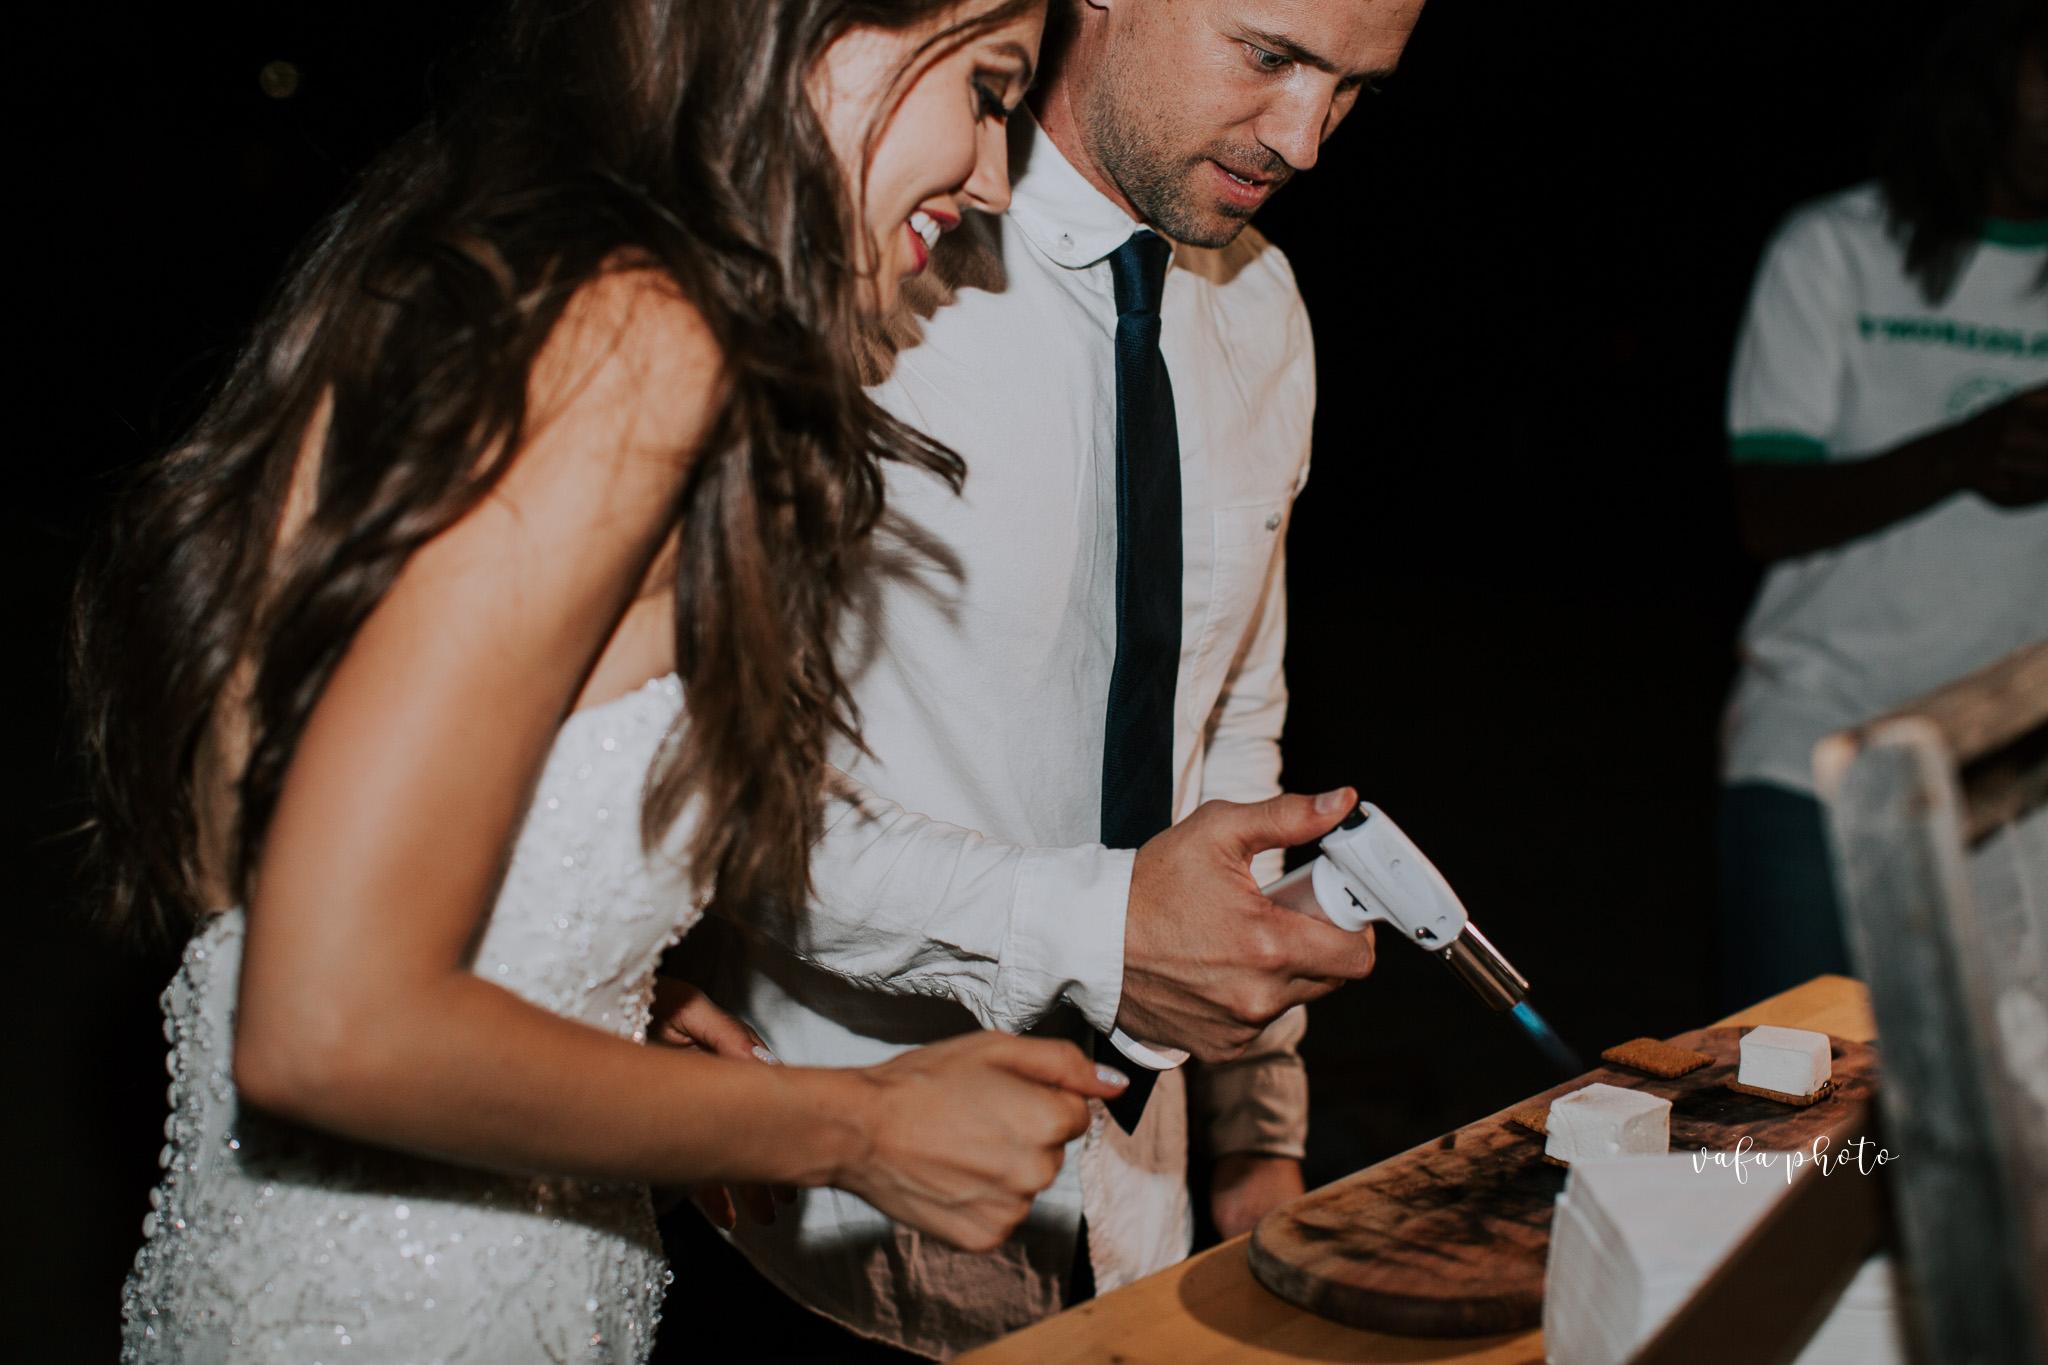 Southern-California-Wedding-Britt-Nilsson-Jeremy-Byrne-Vafa-Photo-1041.jpg